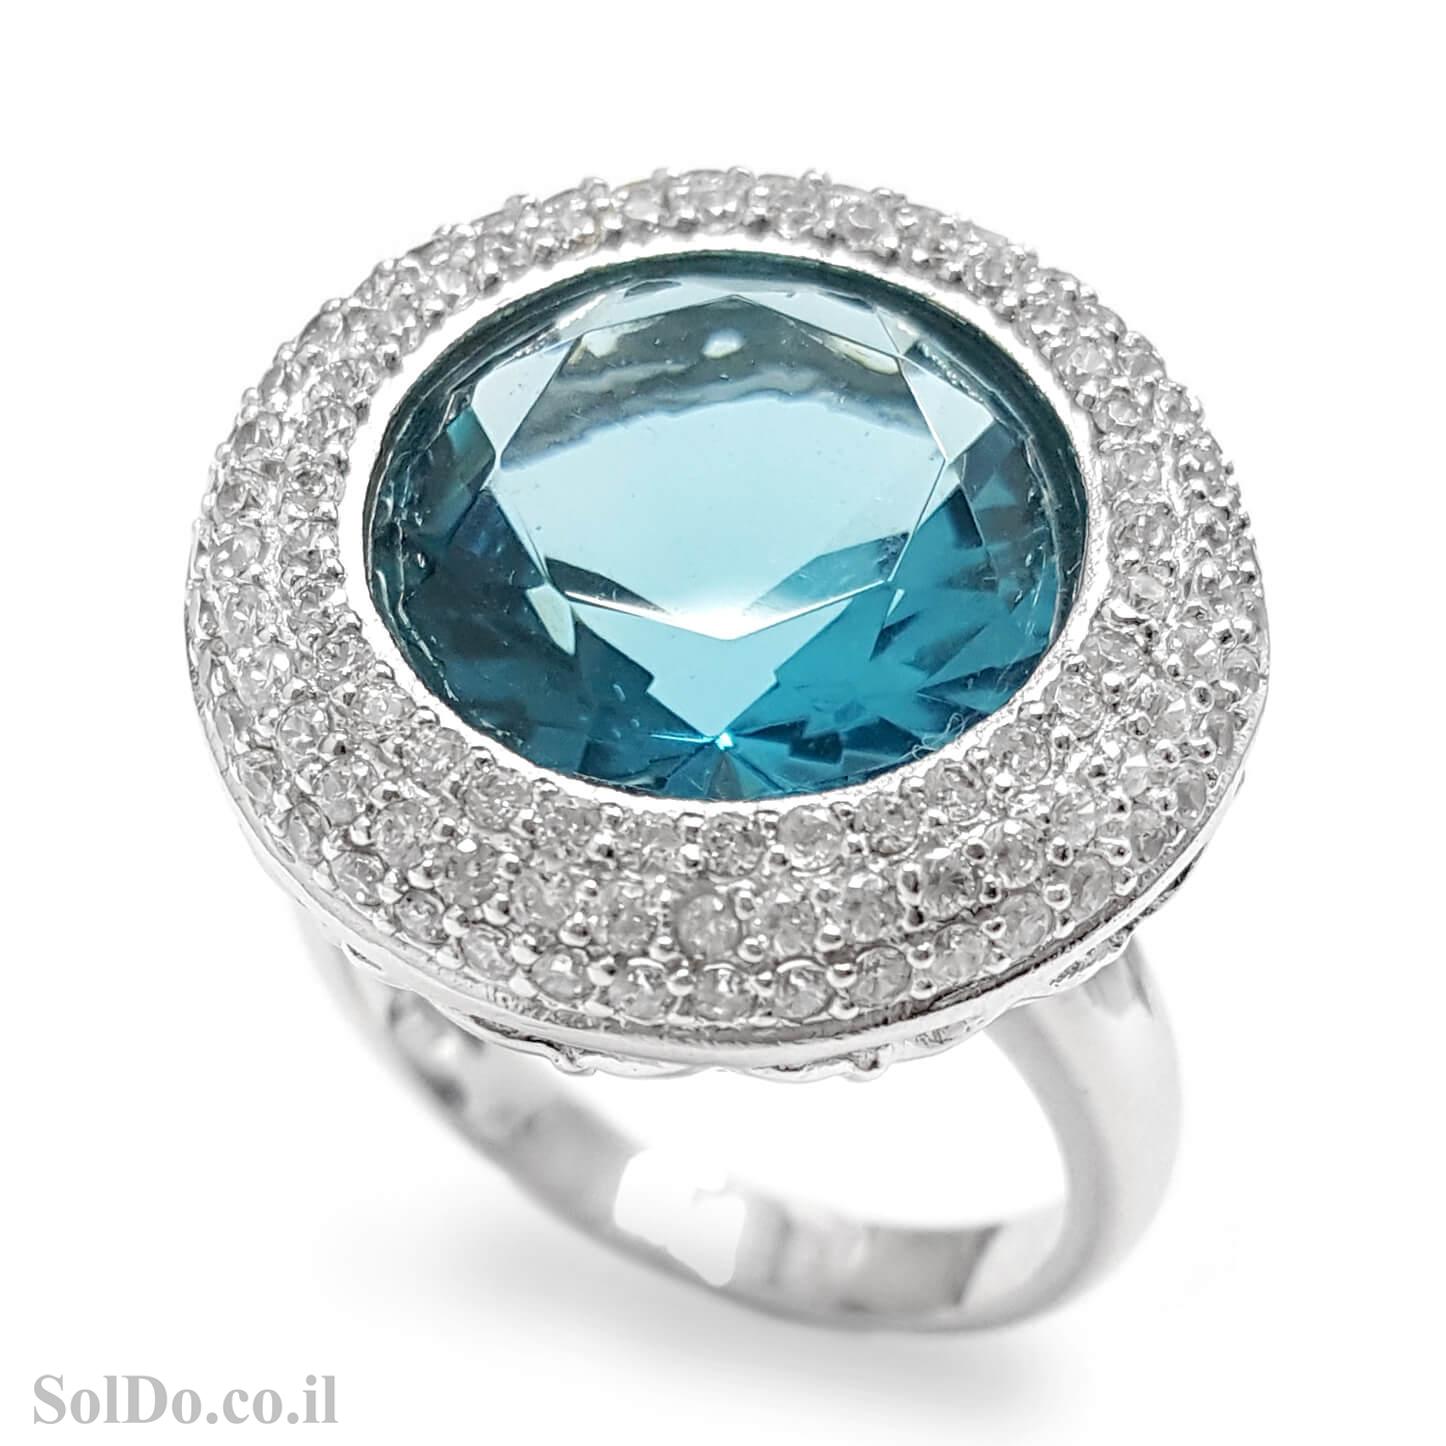 טבעת מכסף משובצת אבן זרקון צבע כחול ואבני זרקון קטנות RG1613 | תכשיטי כסף 925 | טבעות כסף